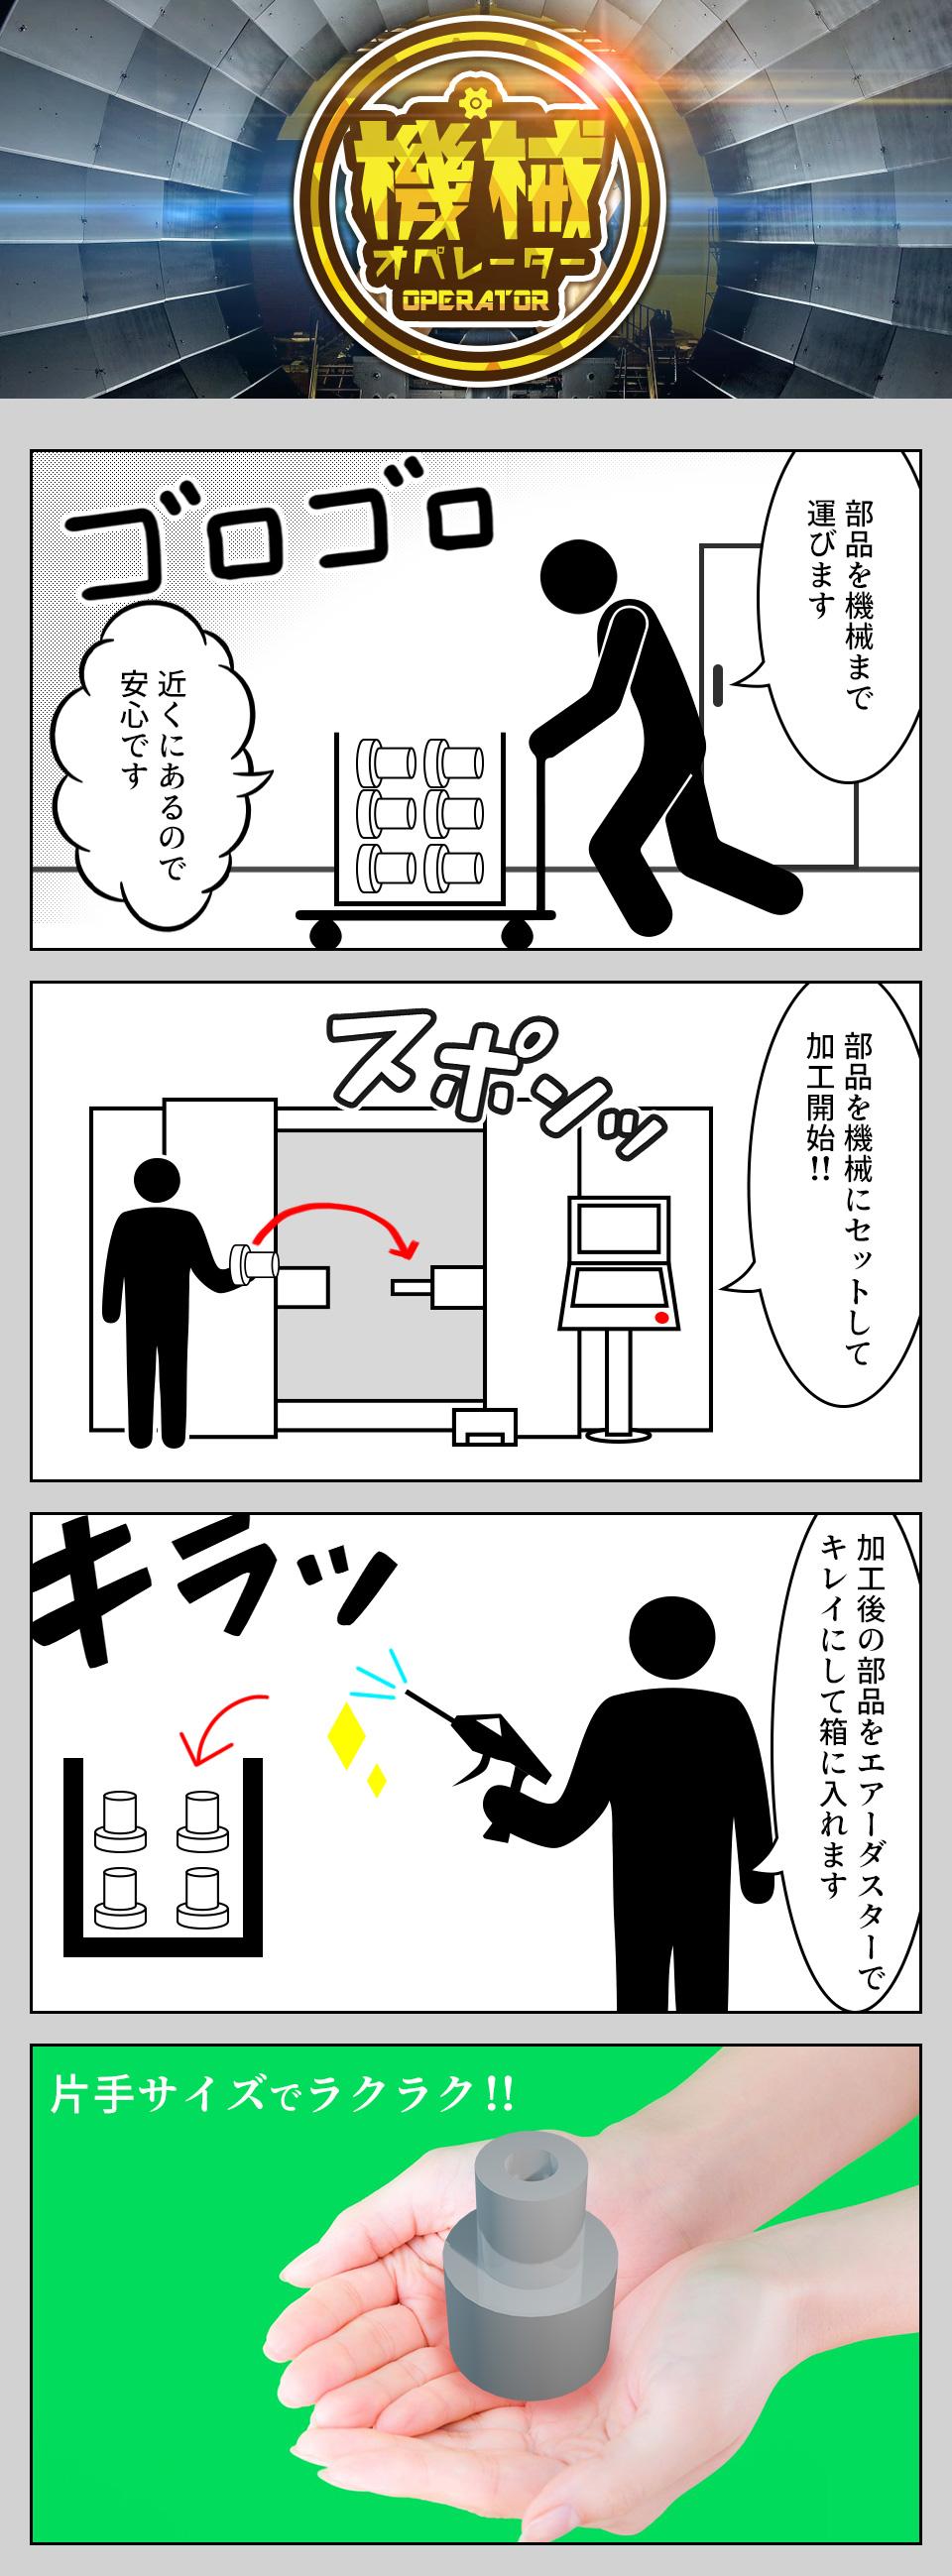 機械オペレーター 愛知県豊橋市の派遣社員求人